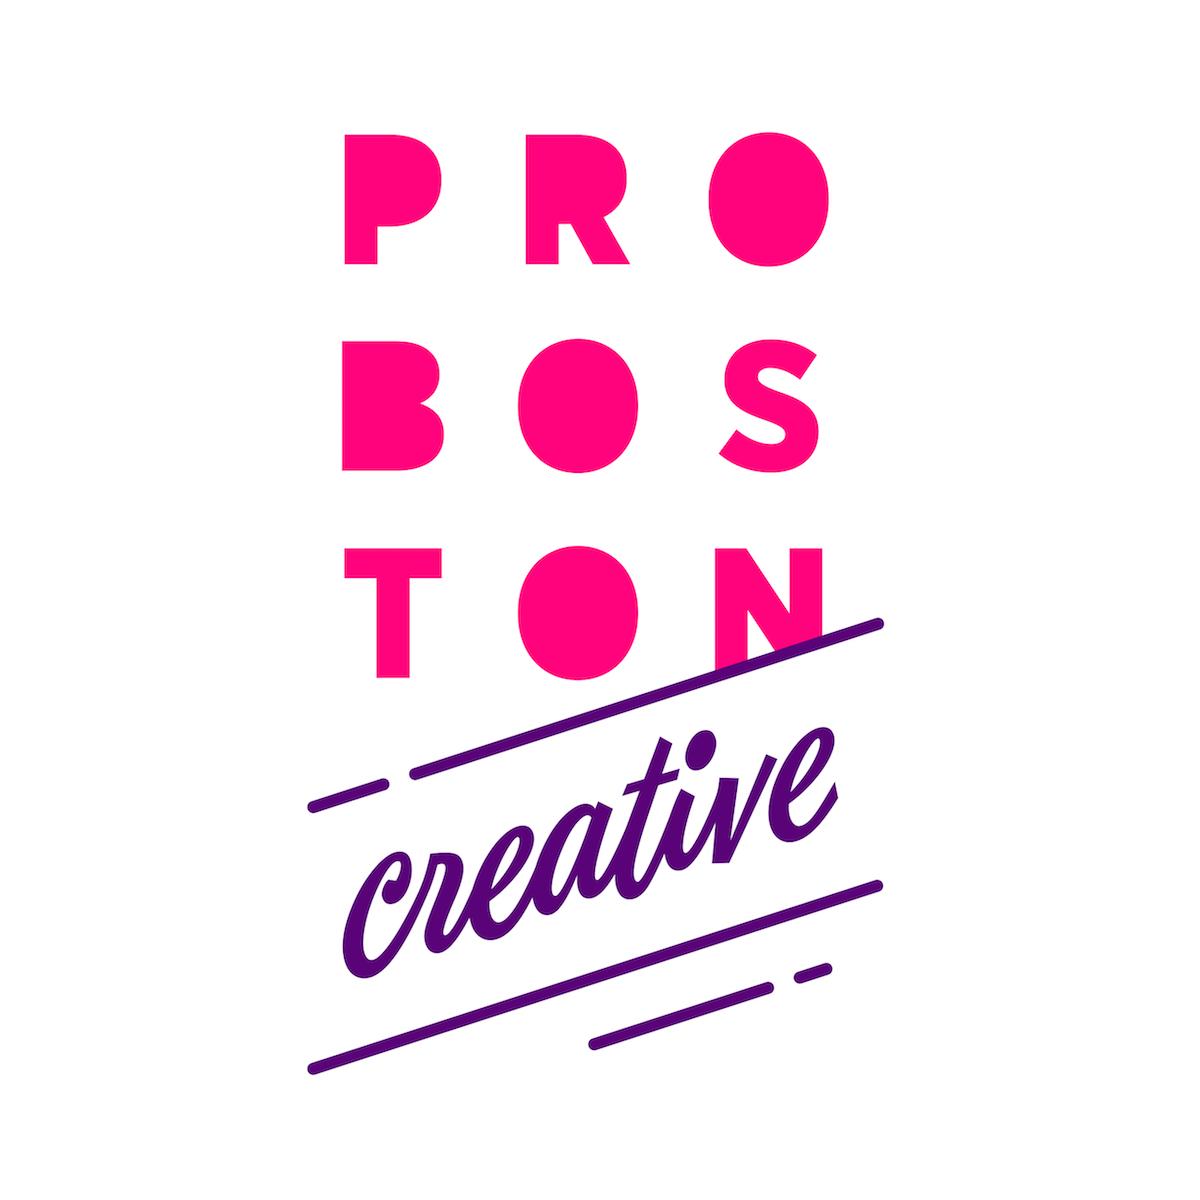 Nové logo Proboston Creative